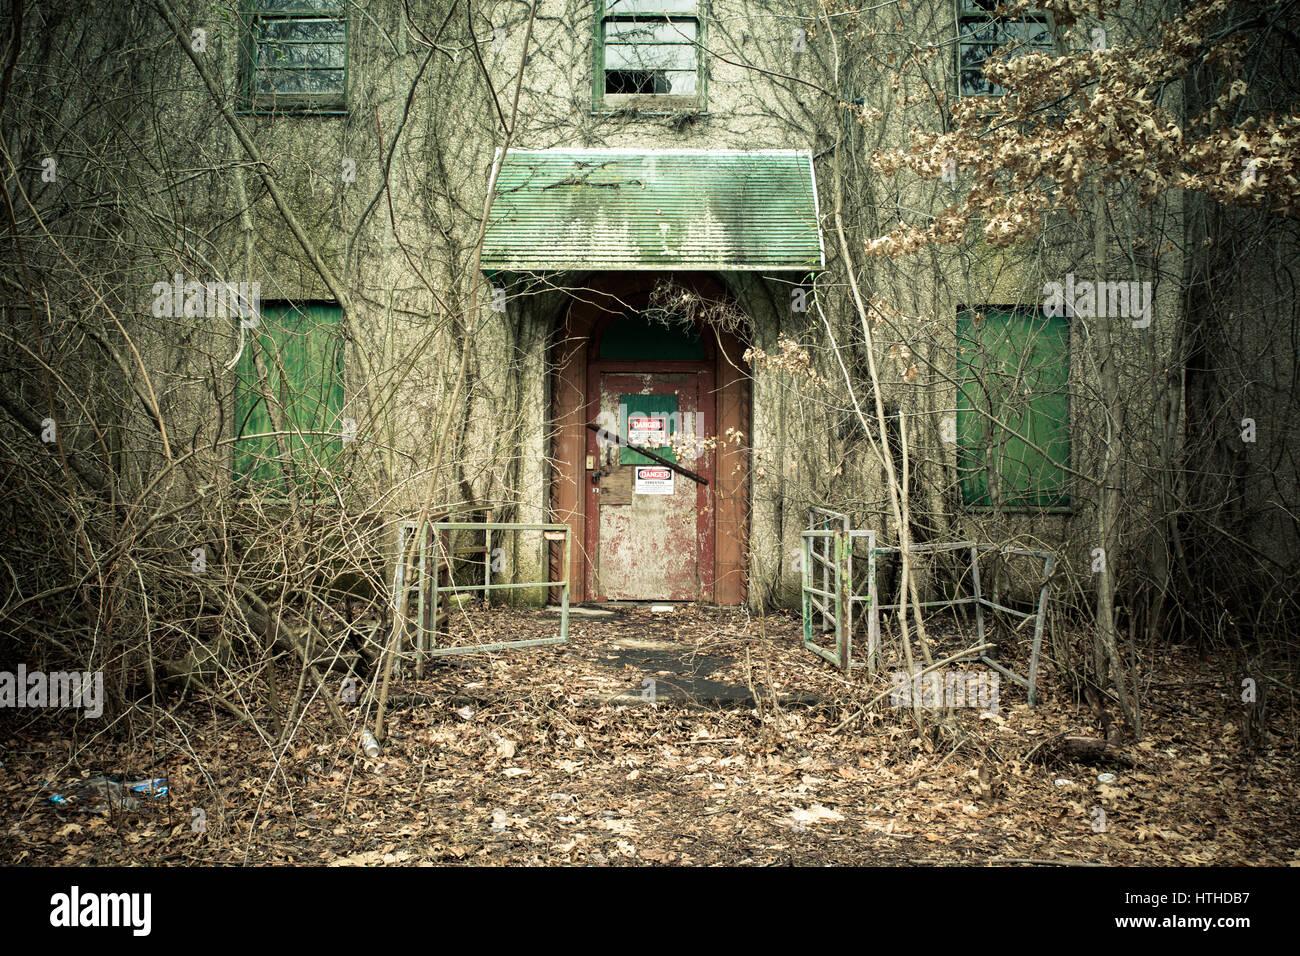 Blick auf äußere des verlassenen psychiatrischen Krankenhaus mit Asbest Warnhinweis auf Tür Stockbild